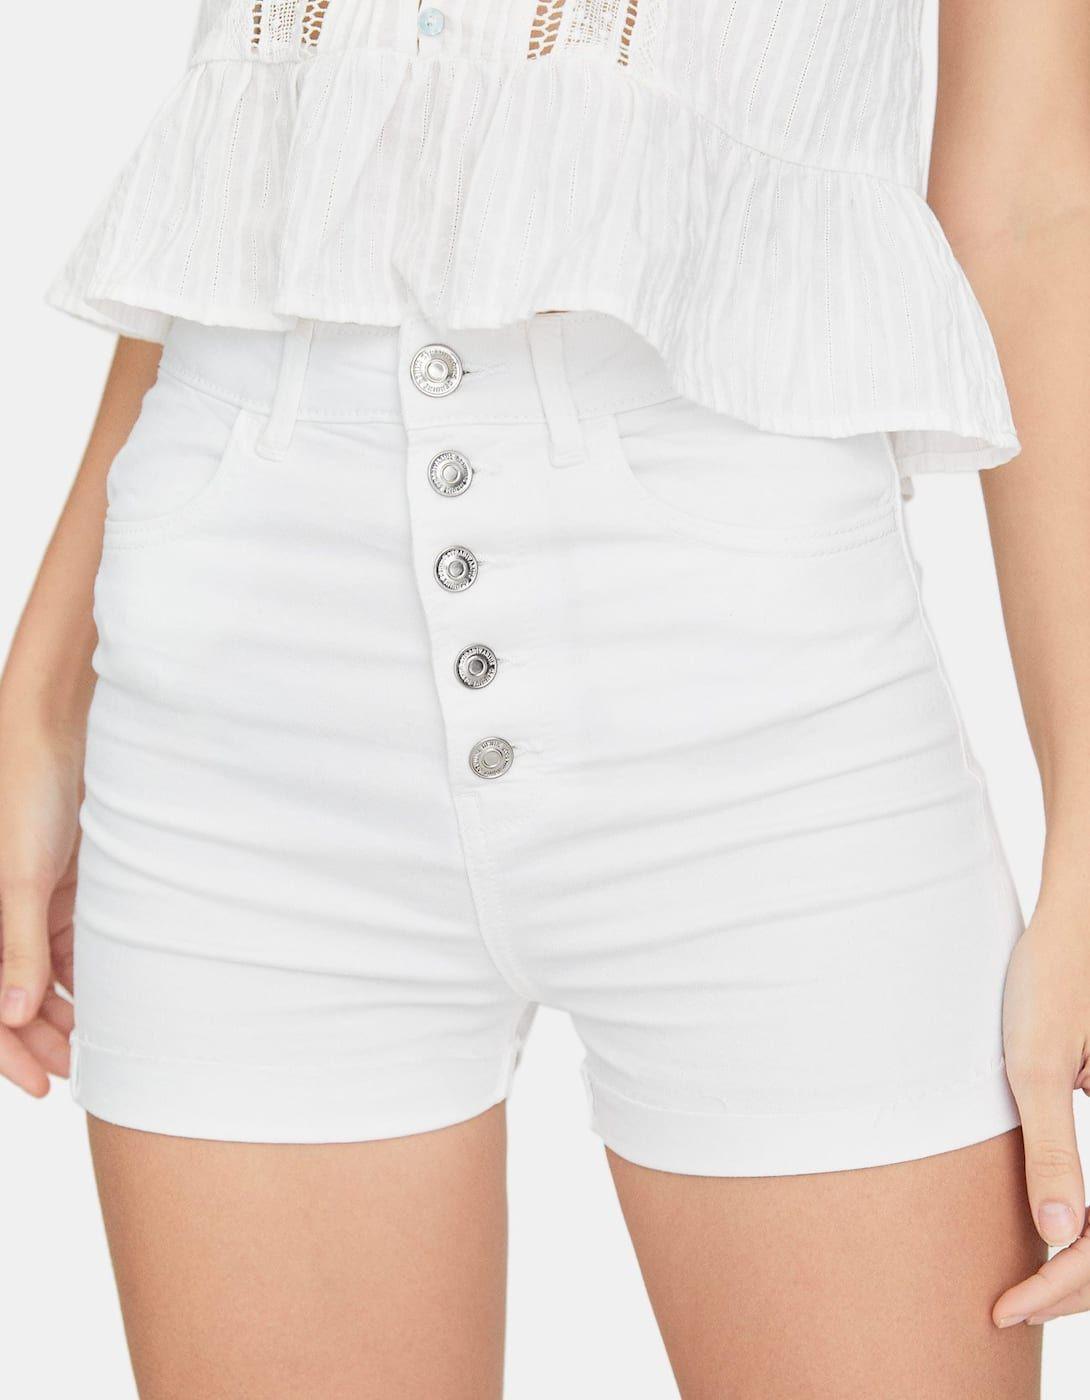 Stradivarius Short Tiro Alto Con Botones Shorts Tiro Alto Moda Para Mujer Pantalones Con Botones